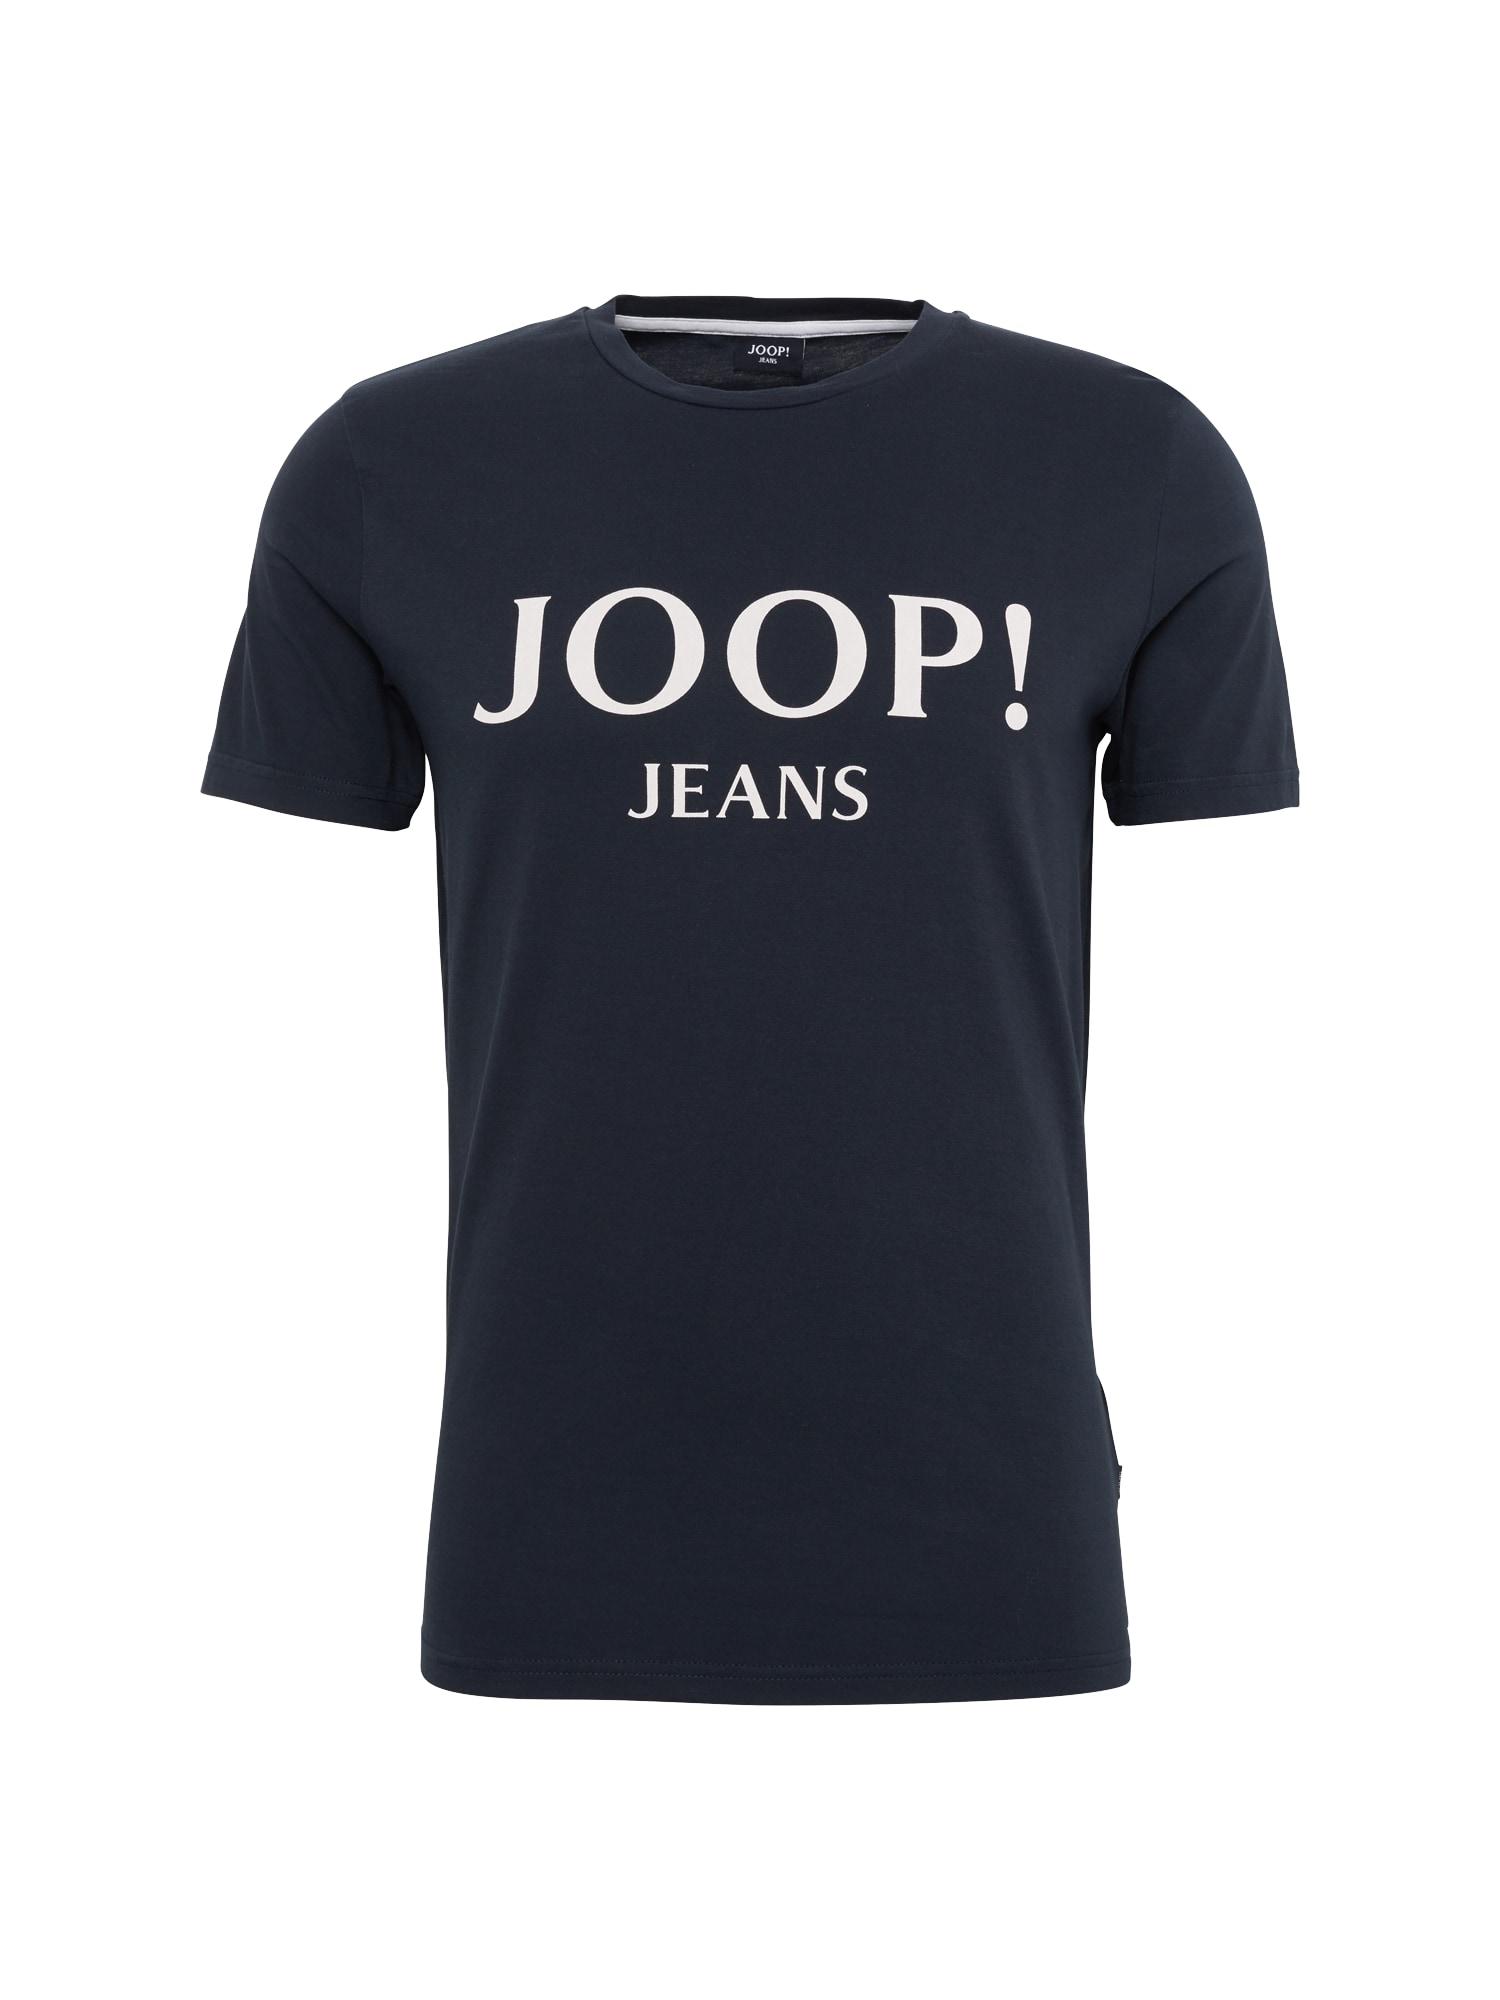 Tričko 15 JJJ-08Alex1 10000773 tmavě modrá bílá JOOP!